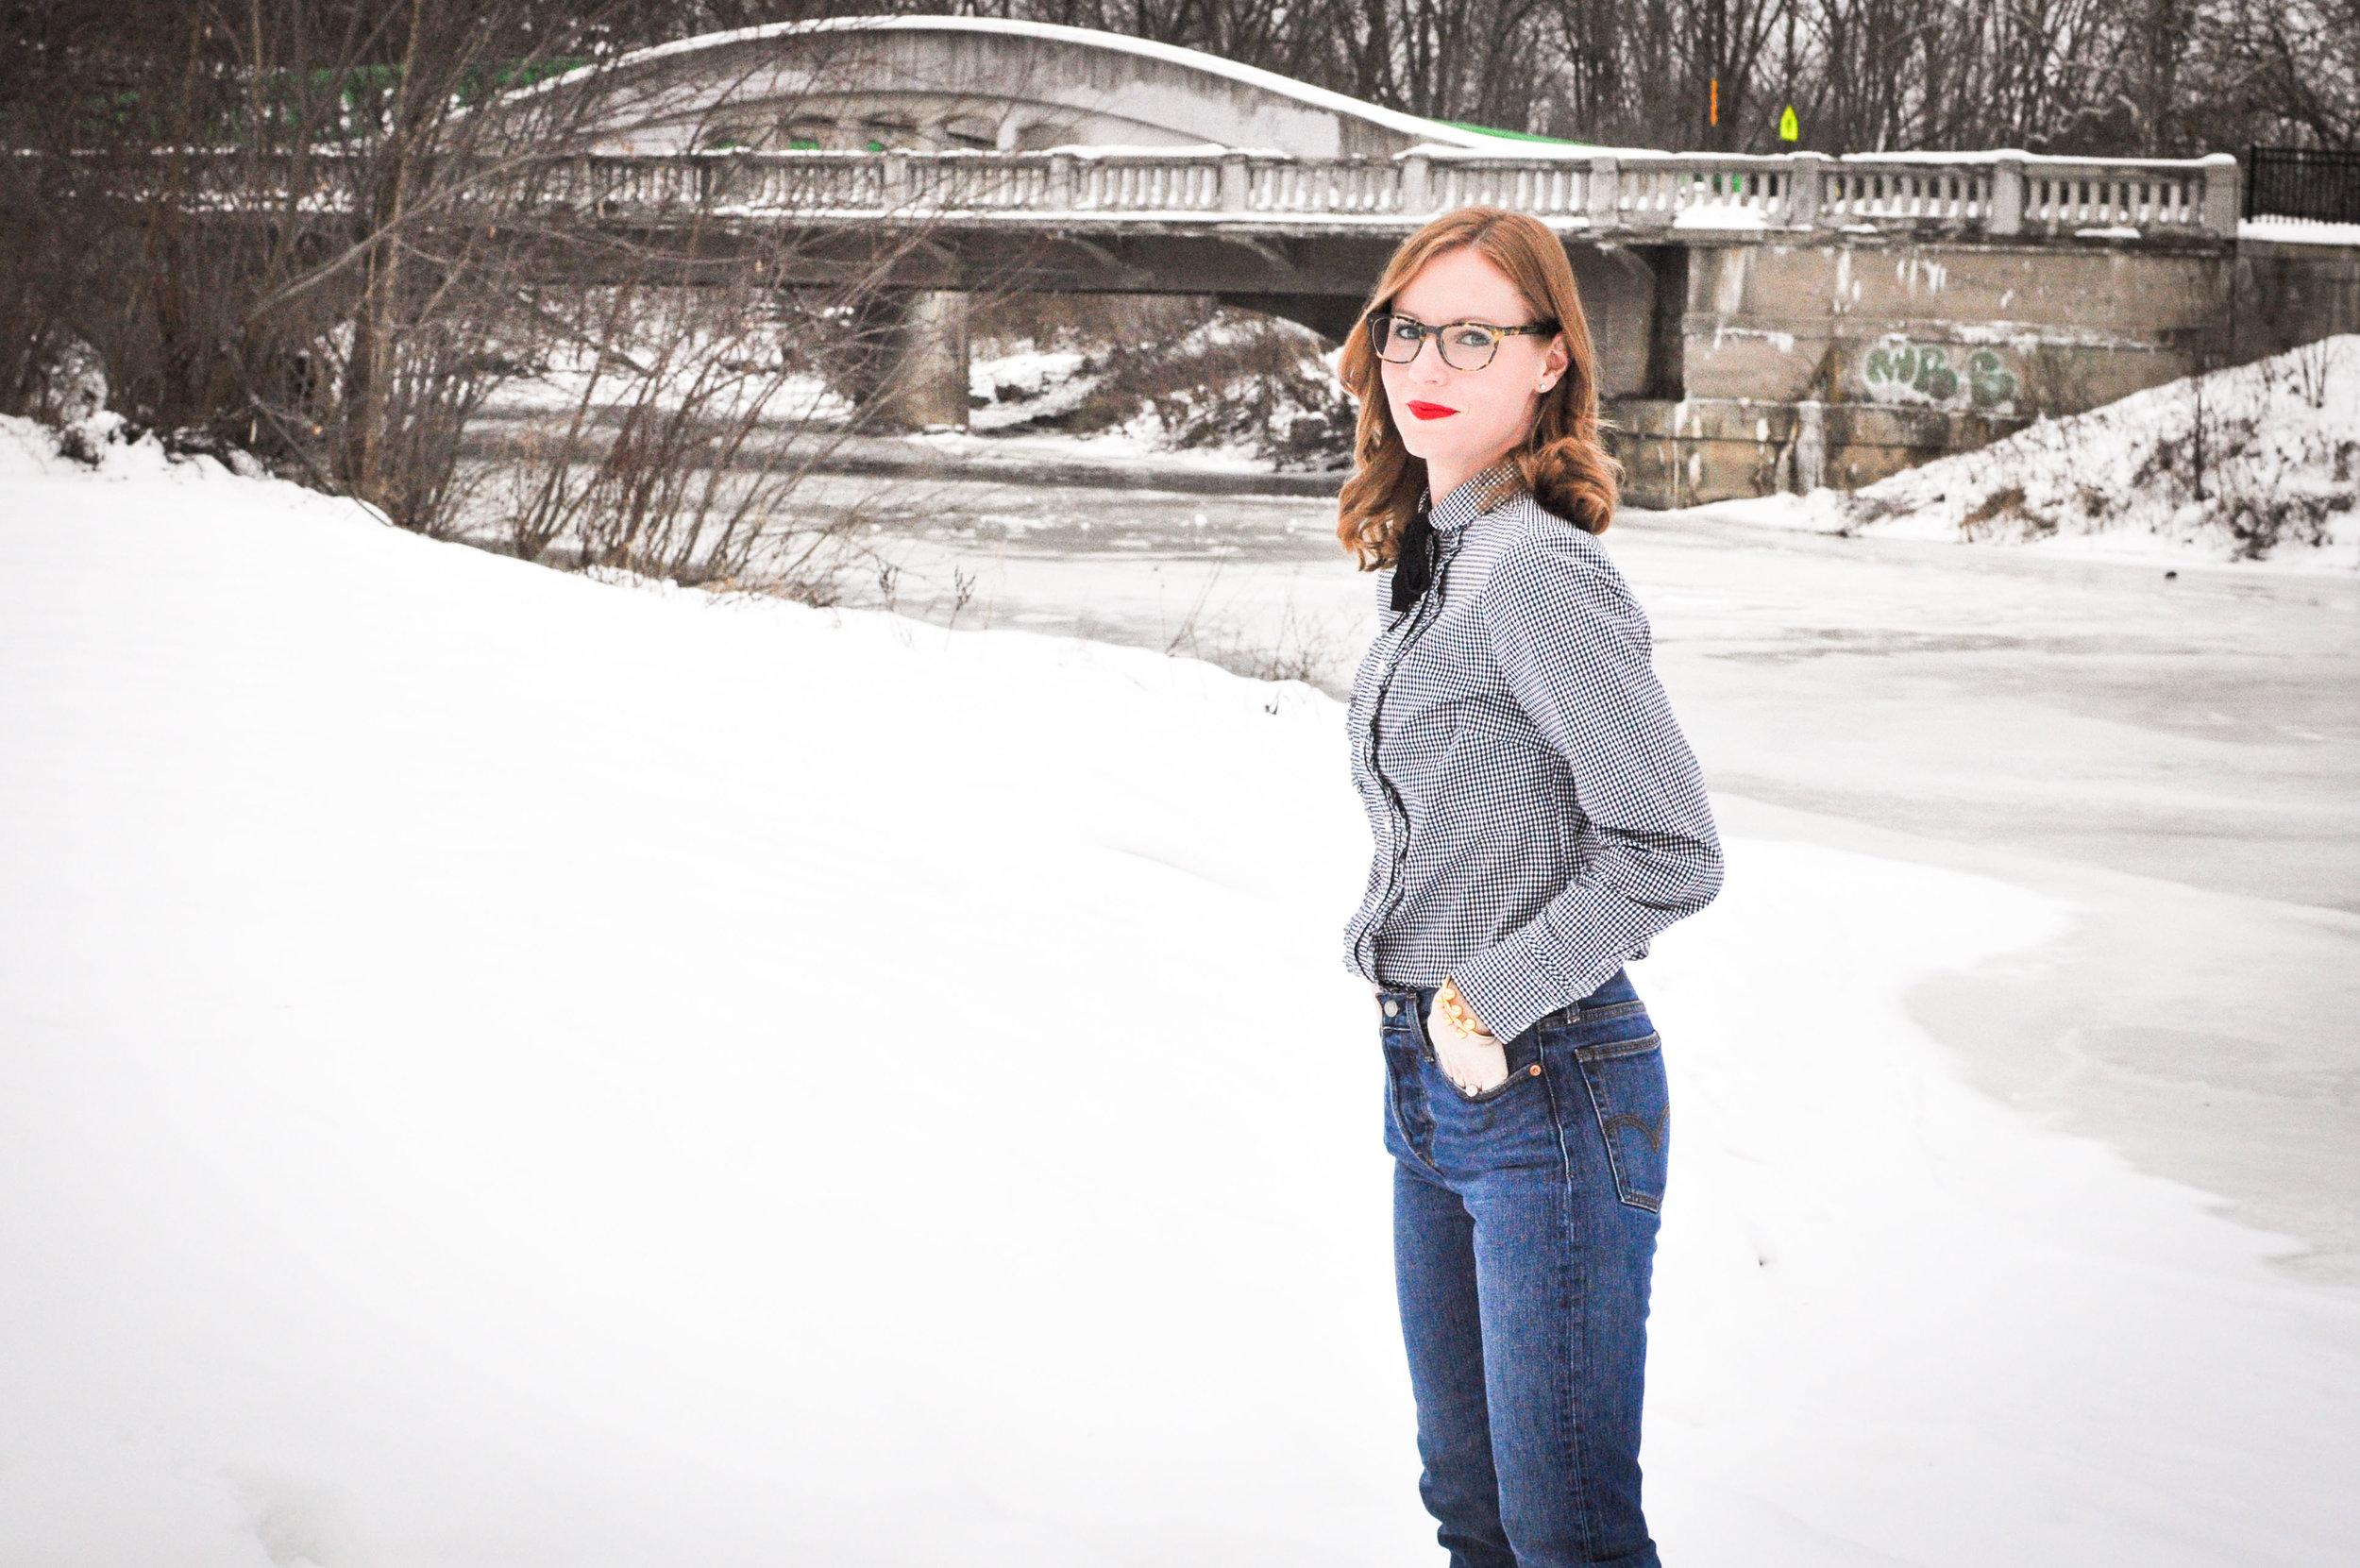 Woman in jeans in front of snowy bridge